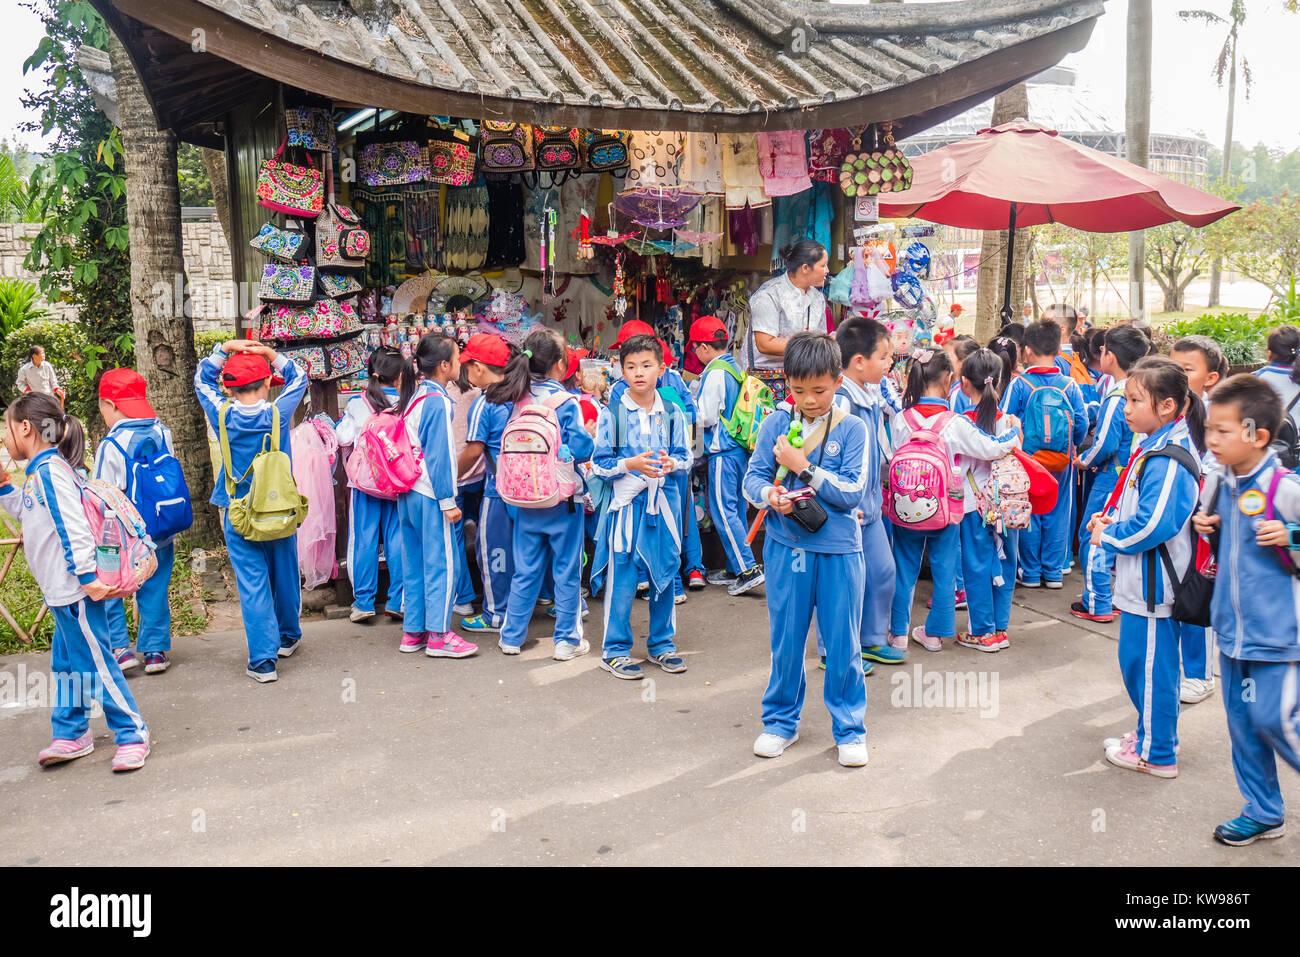 Los alumnos de la escuela elemental del viaje de campo Imagen De Stock